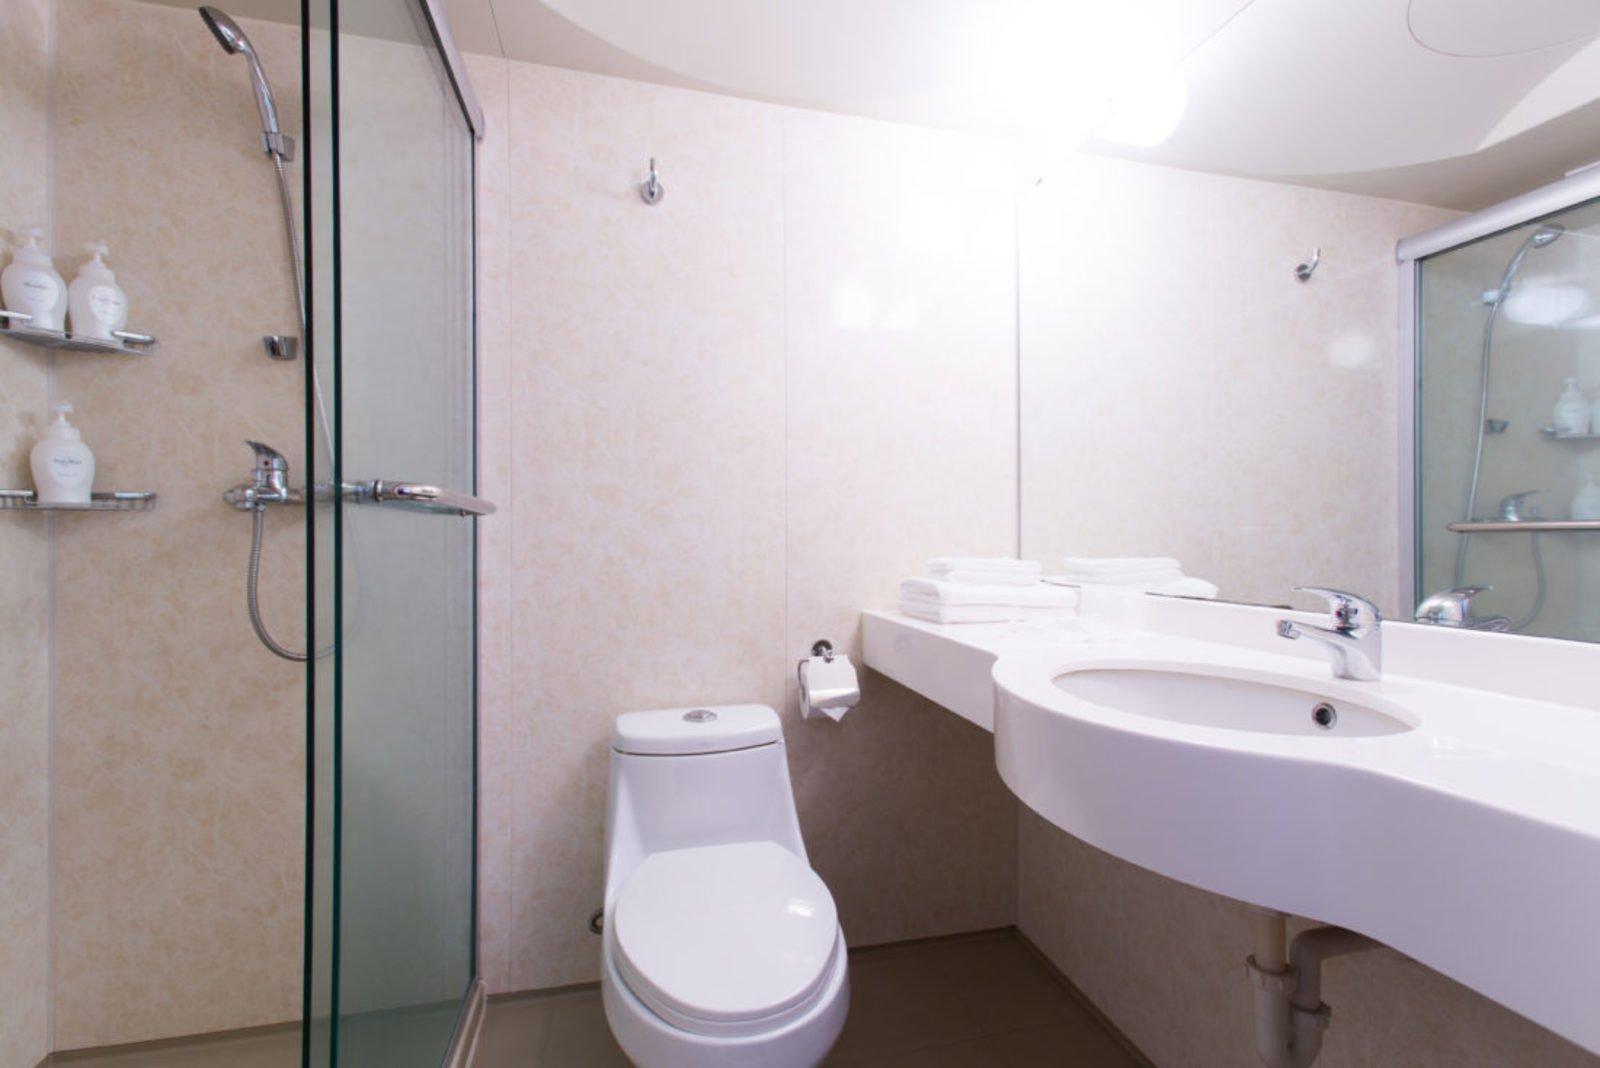 M hotel standard room bathroom large